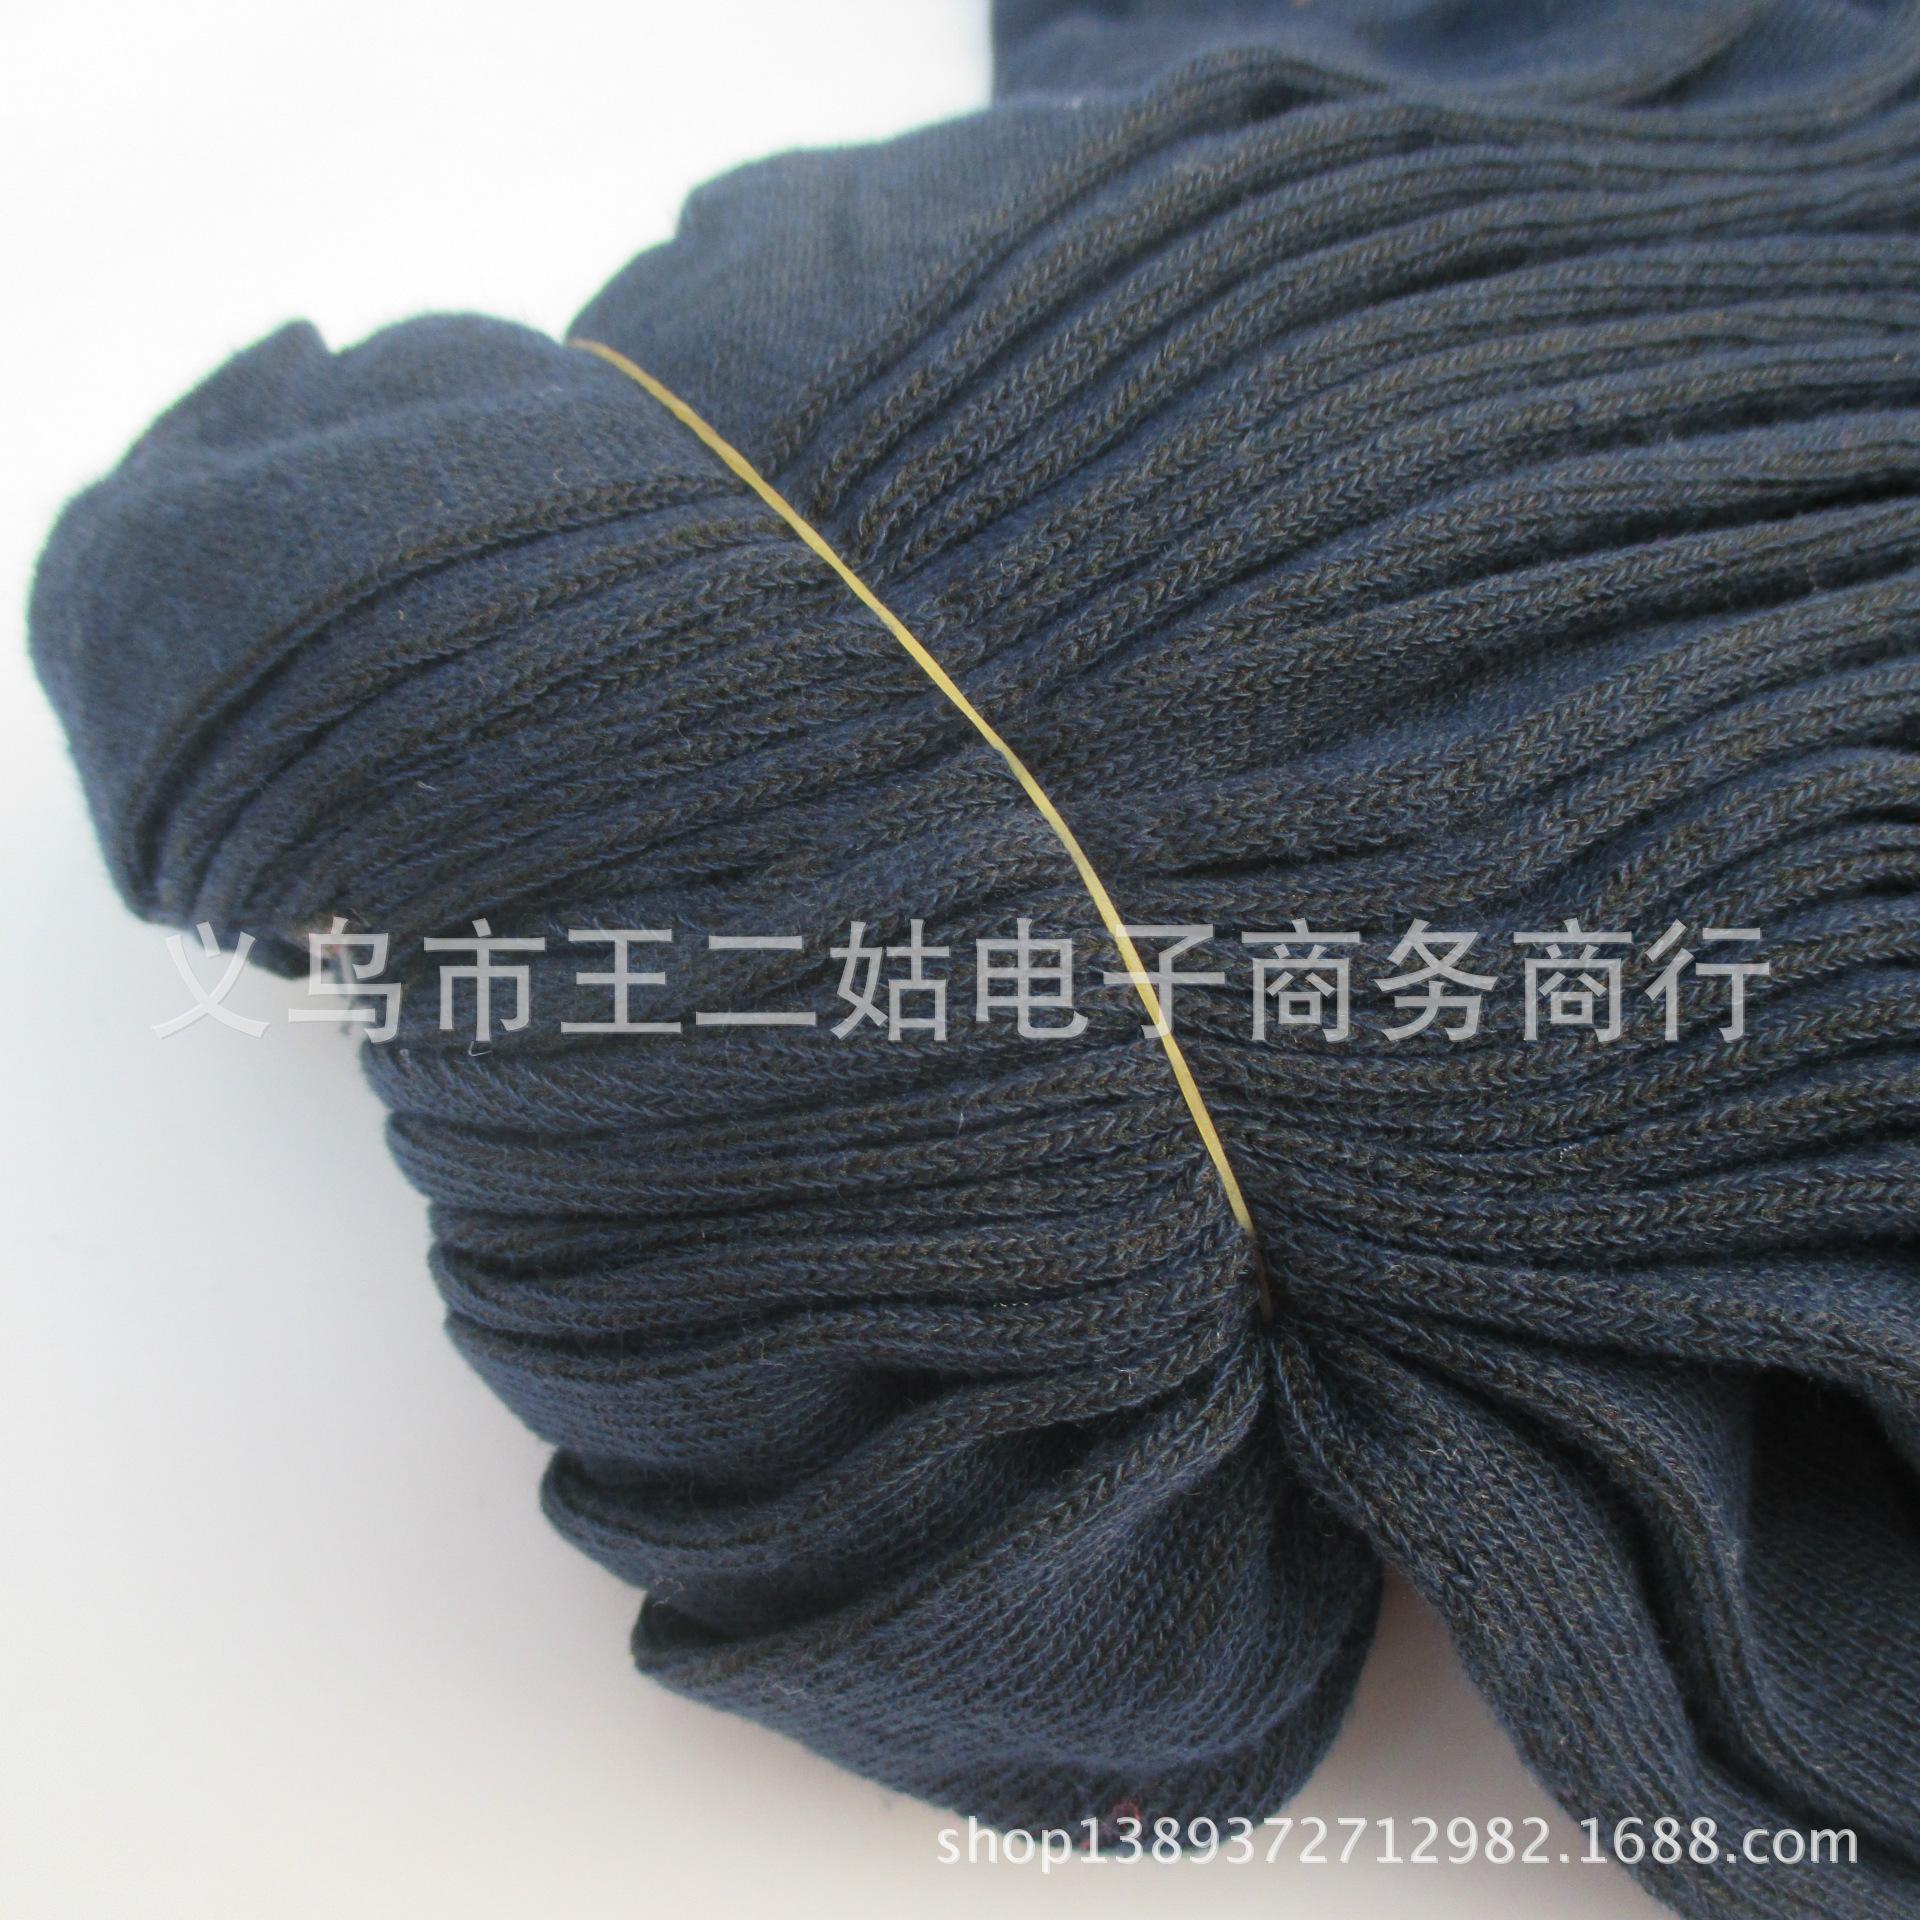 男士棉袜子 纯棉棉袜 精品棉袜 冬季保暖必备品 日用百货好